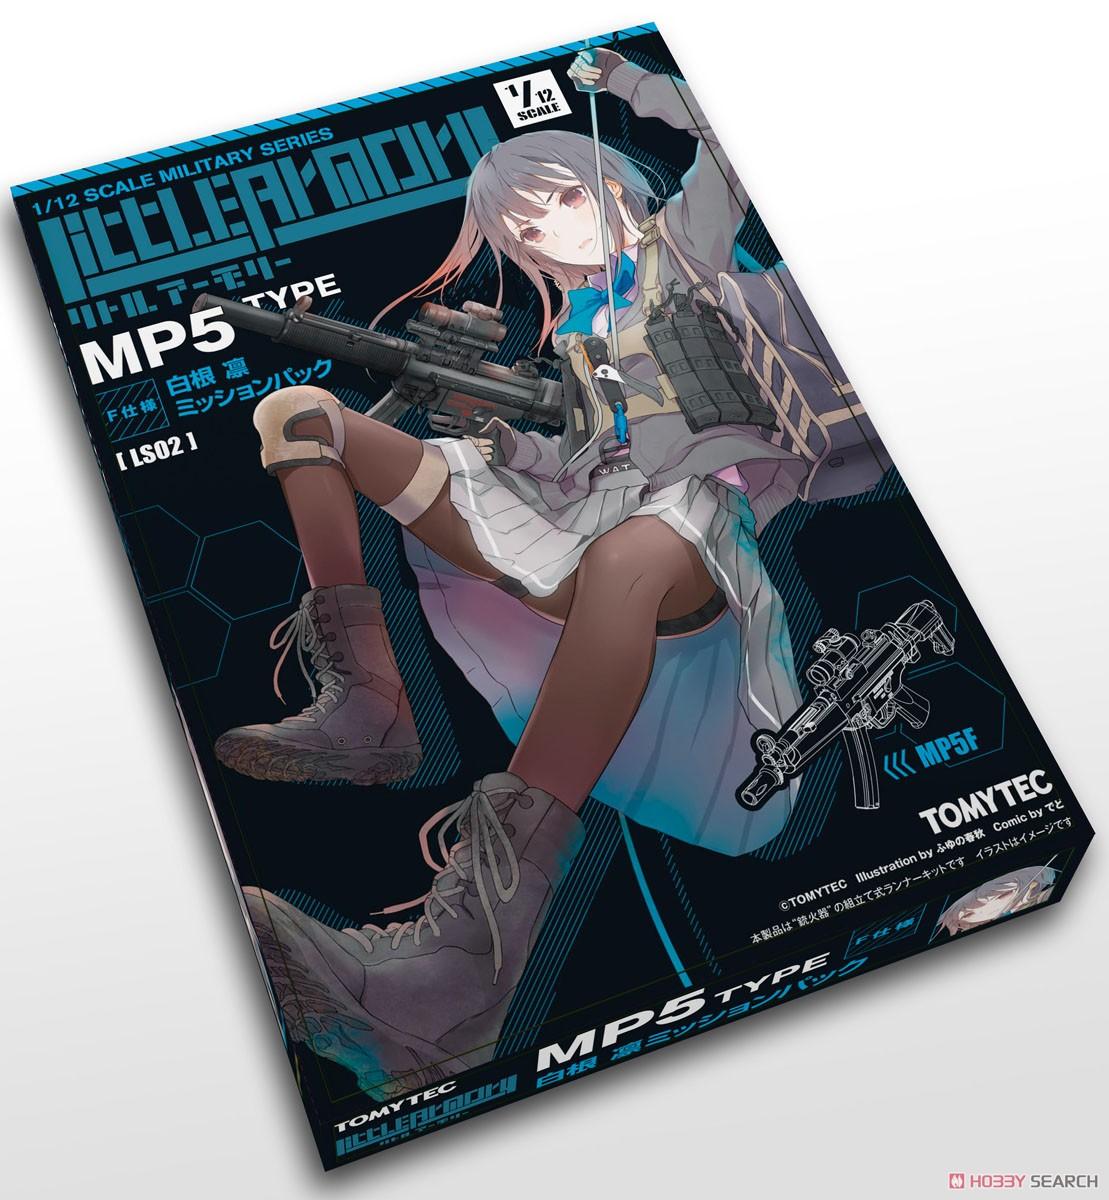 リトルアーモリー LADF02『MP5(F仕様)白根凛ミッションパック』1/12 プラモデル-001